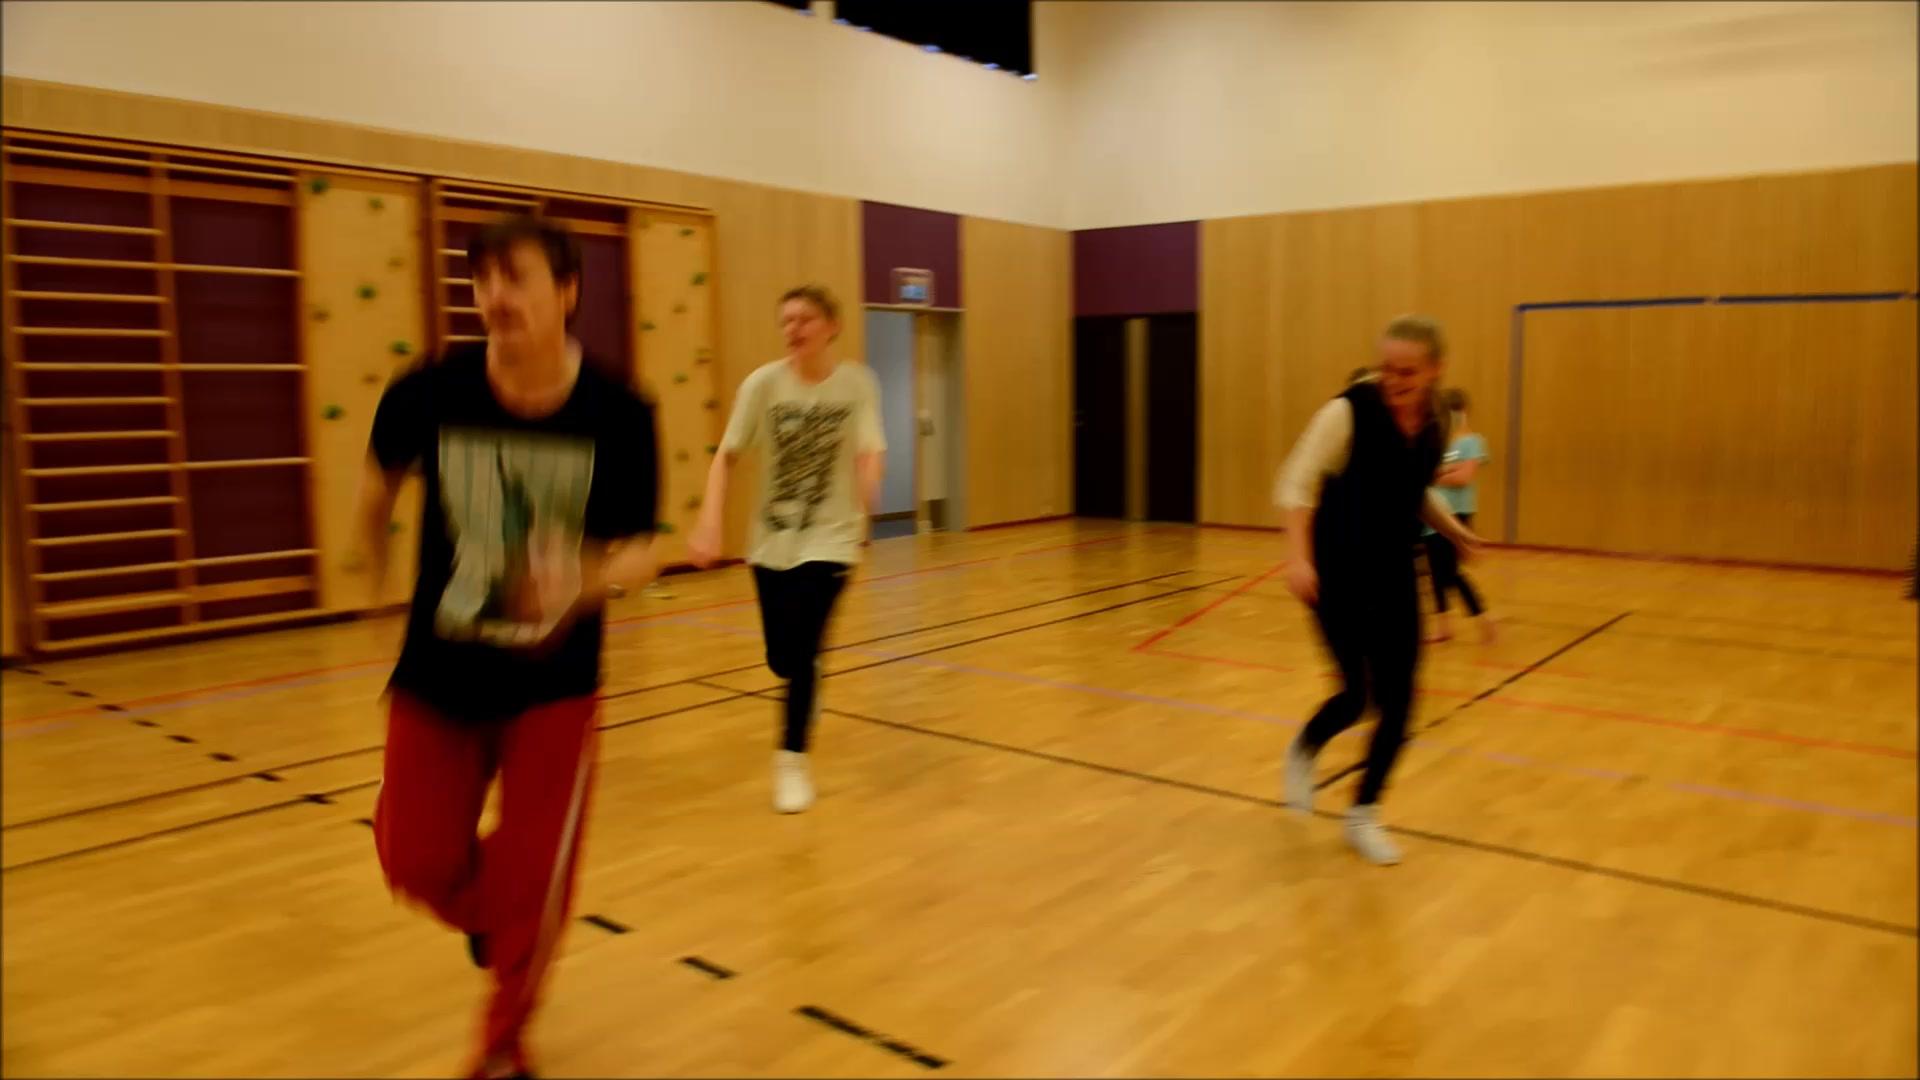 Se film fra dansekurset på Fagerlidal skole søndag